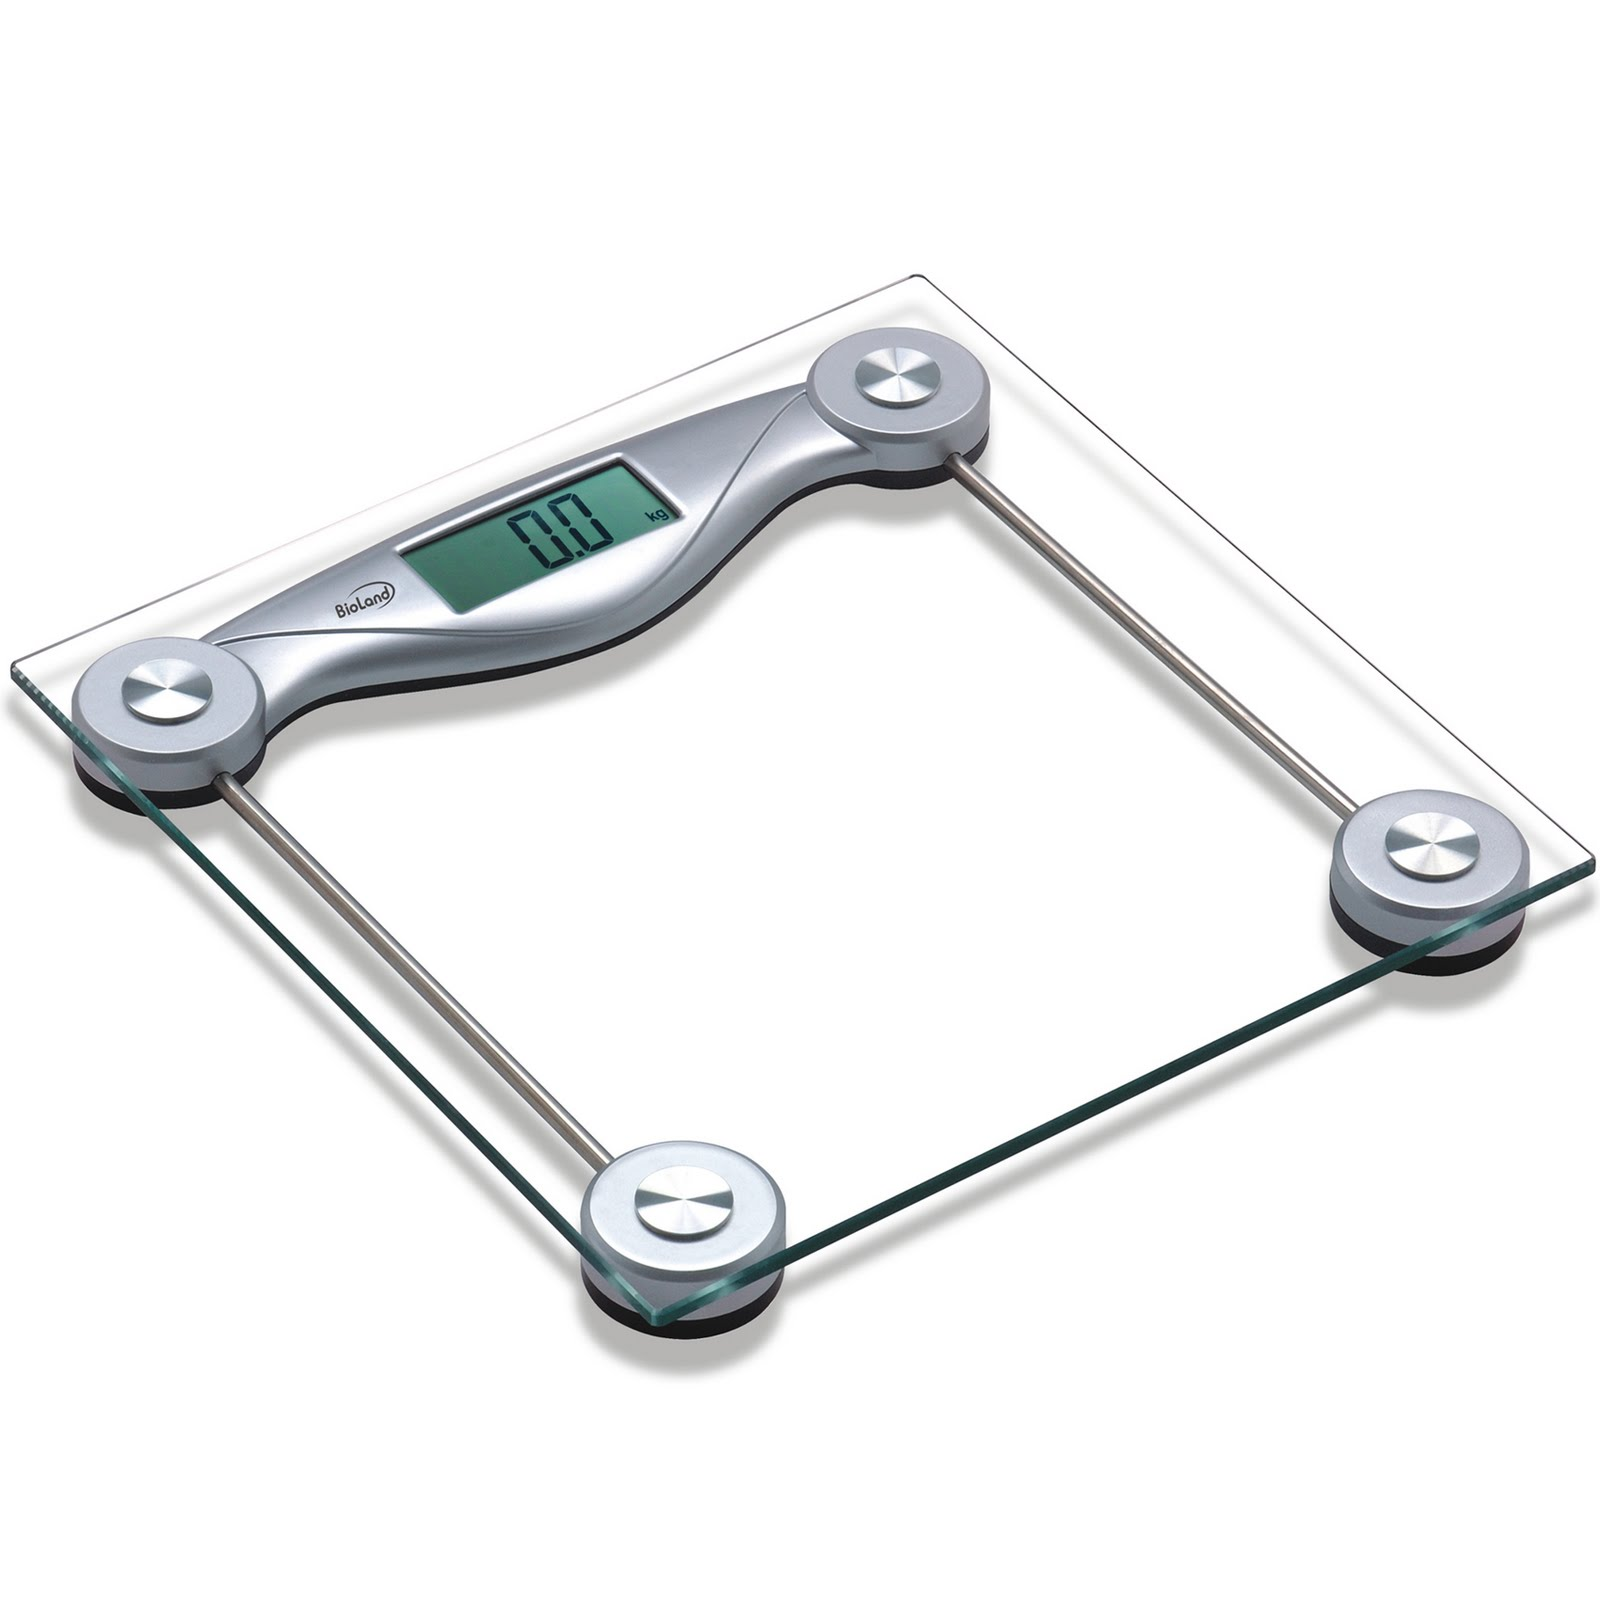 Balança: analógica ou digital? VilaClub #365B52 1600x1600 Balança Digital De Banheiro Mondial